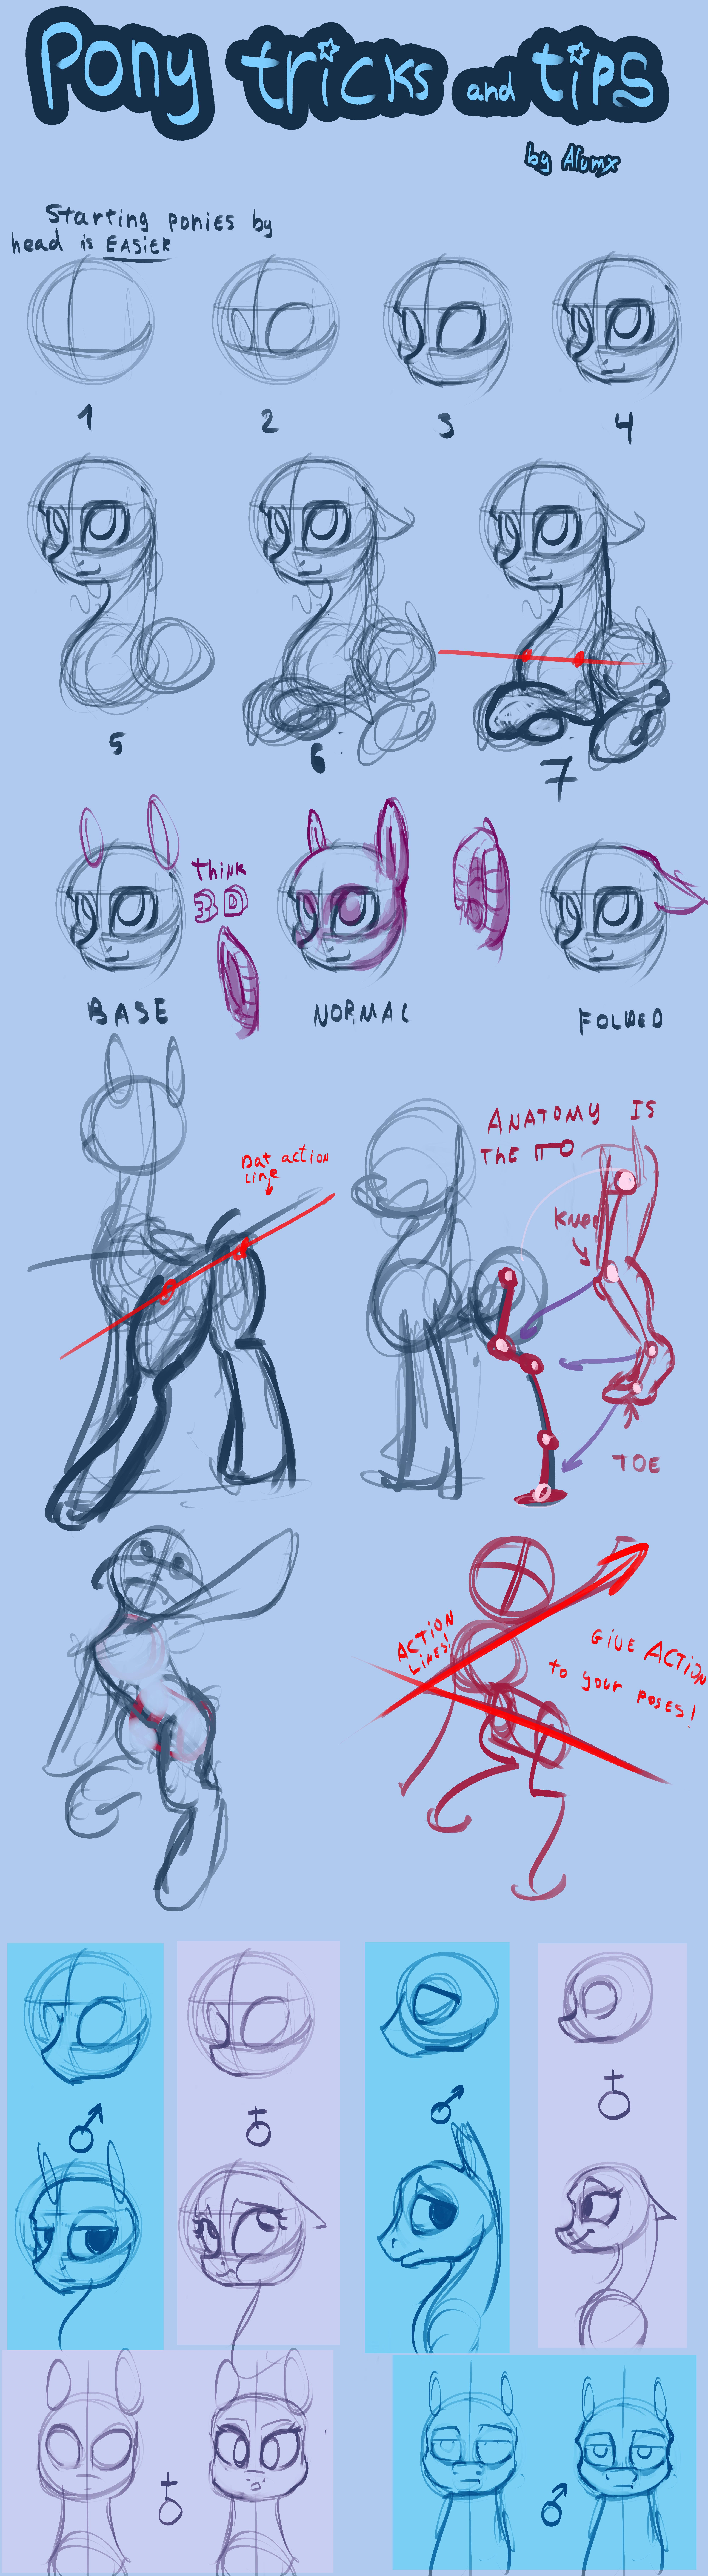 Tips 'n tricks - how to pony? by Alumx